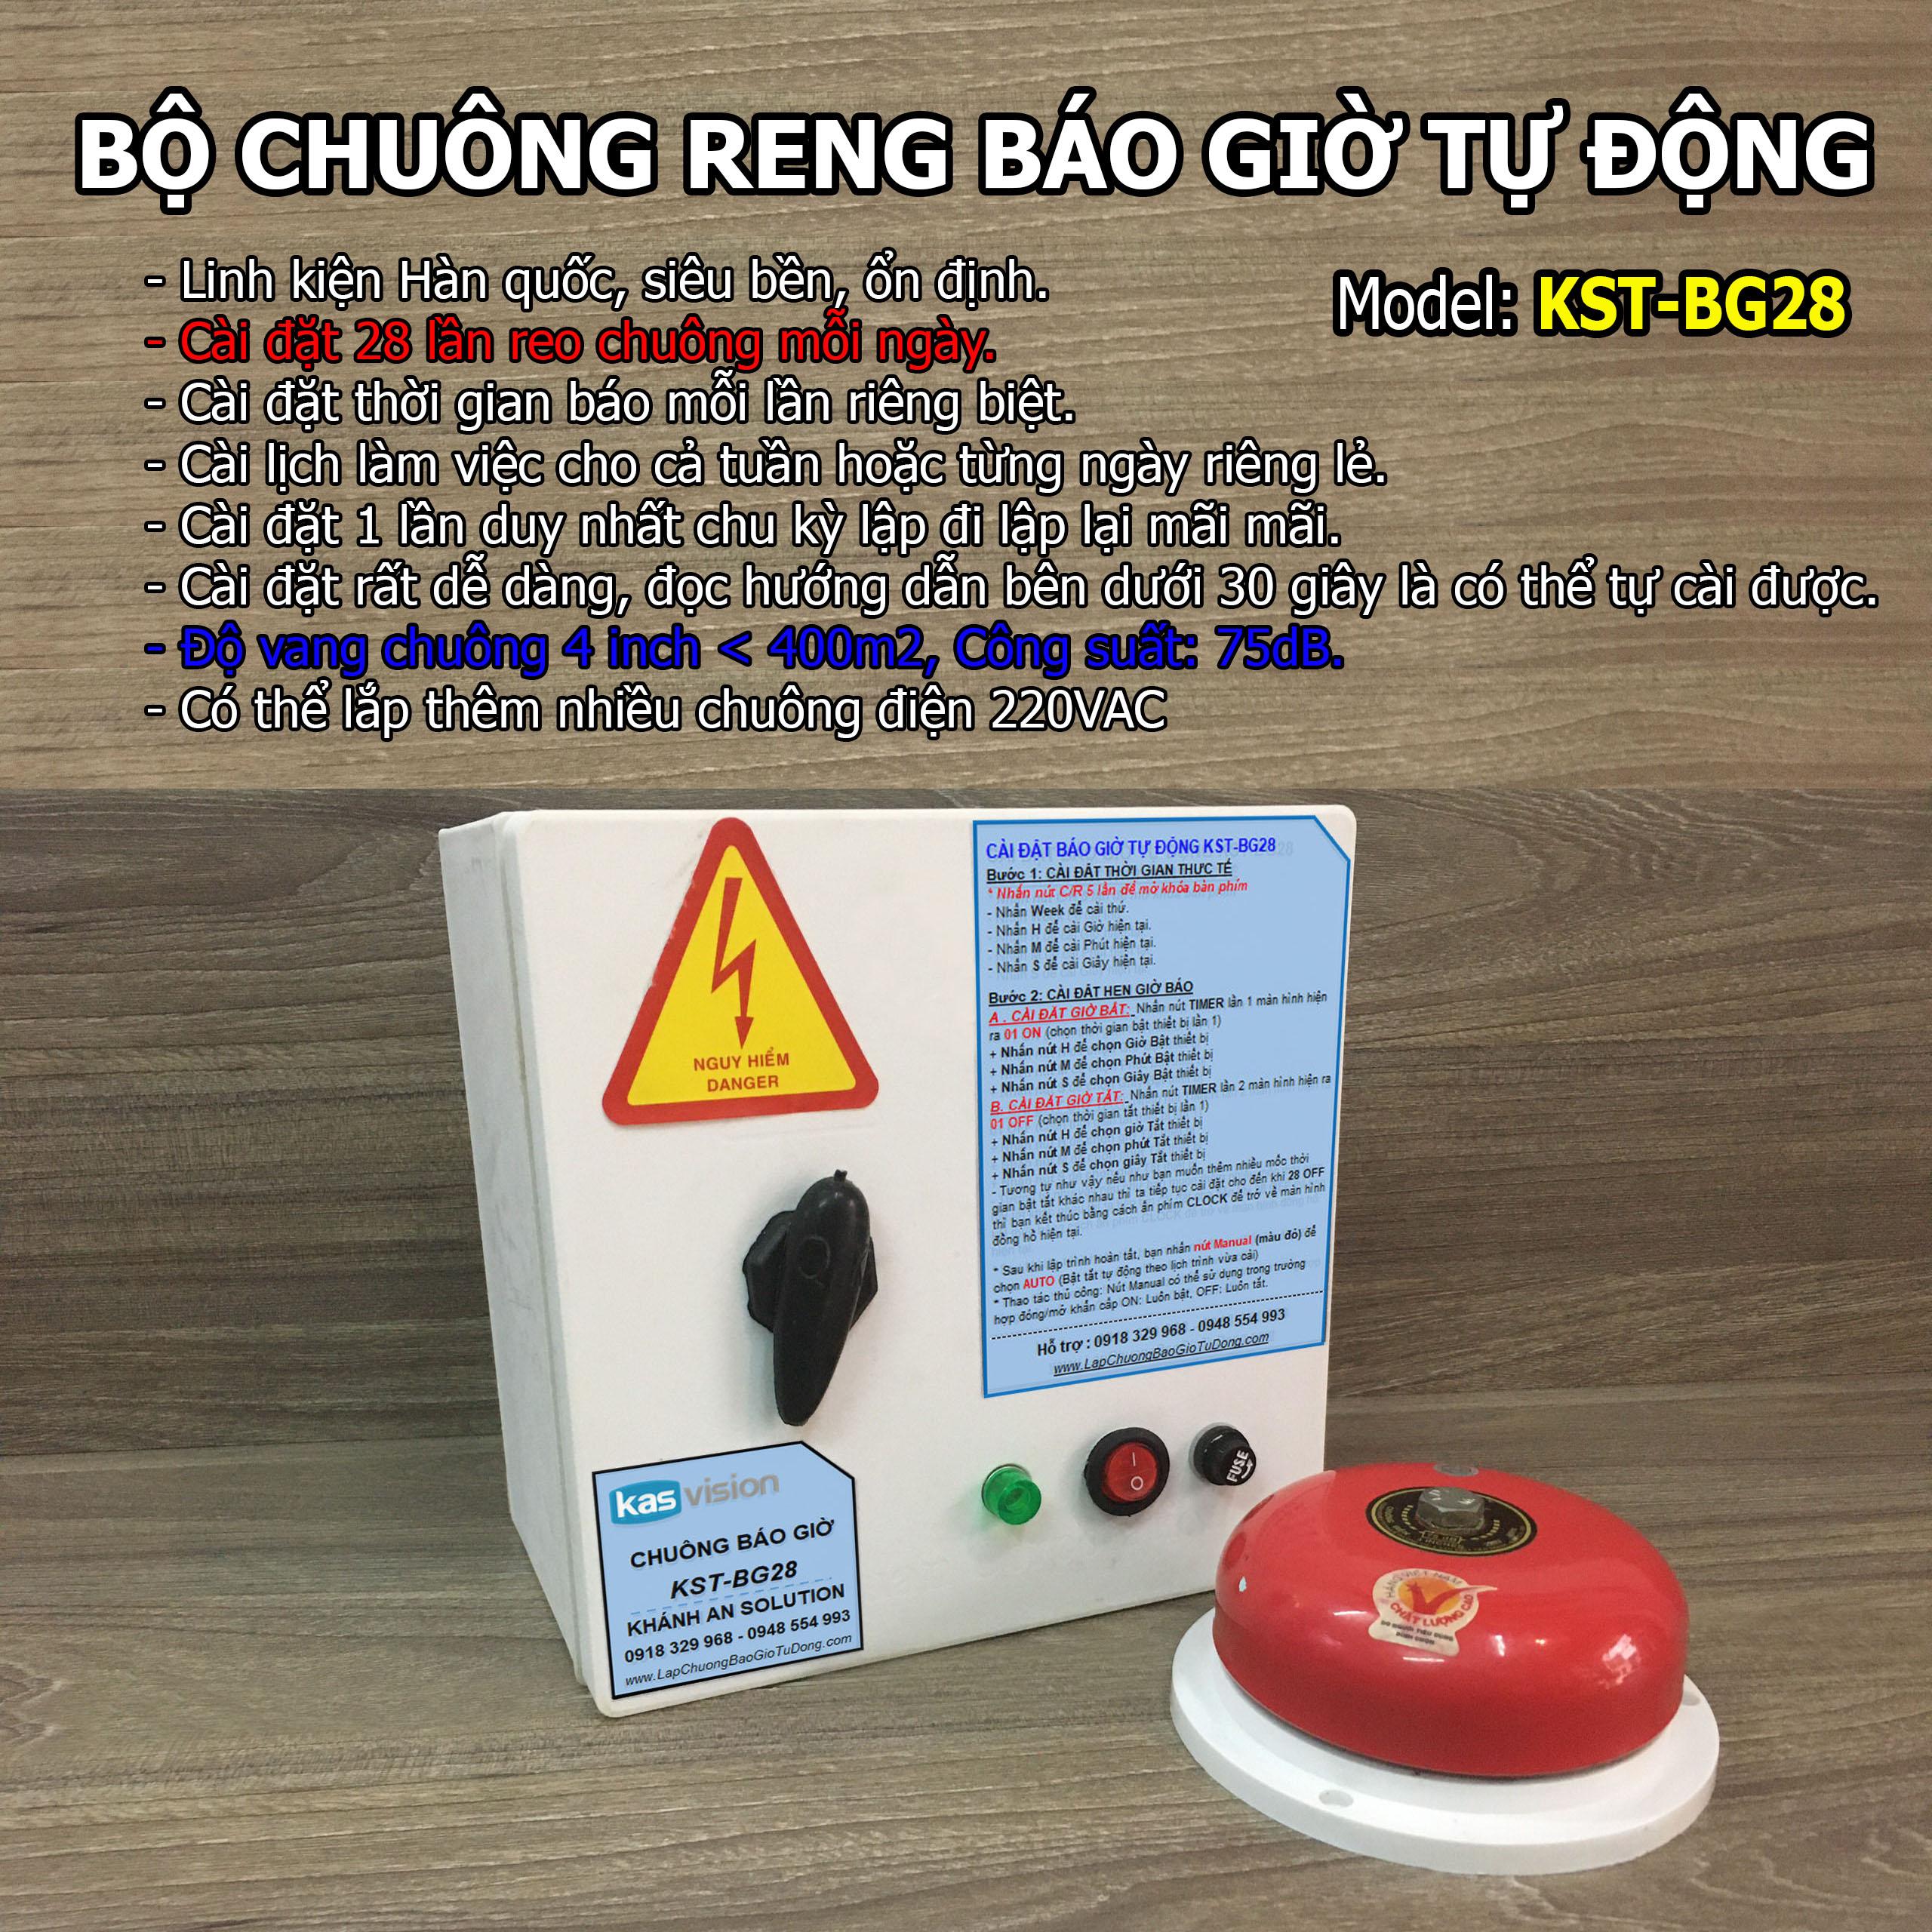 Bộ chuông reng báo giờ làm việc tự động KST-BG28 (Linh kiện Hàn quốc, siêu bền, ổn định)